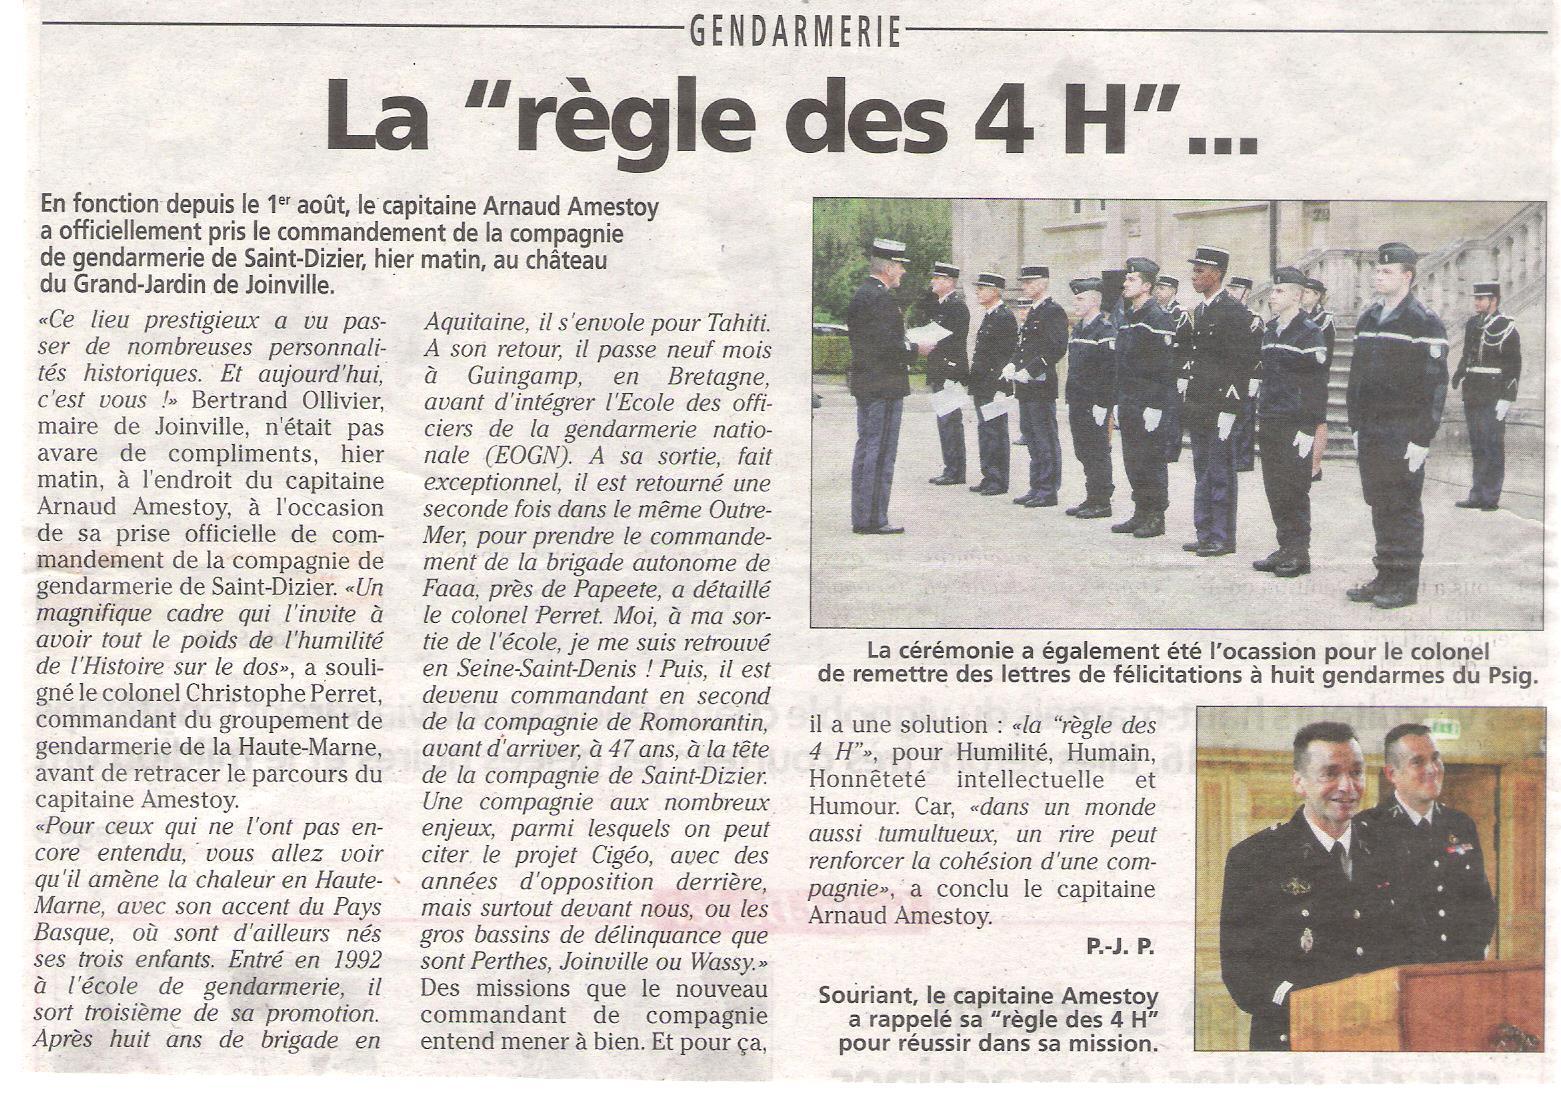 prise-de-commandement-capitaine-arnaud-amestoy-cie-saint-dizier